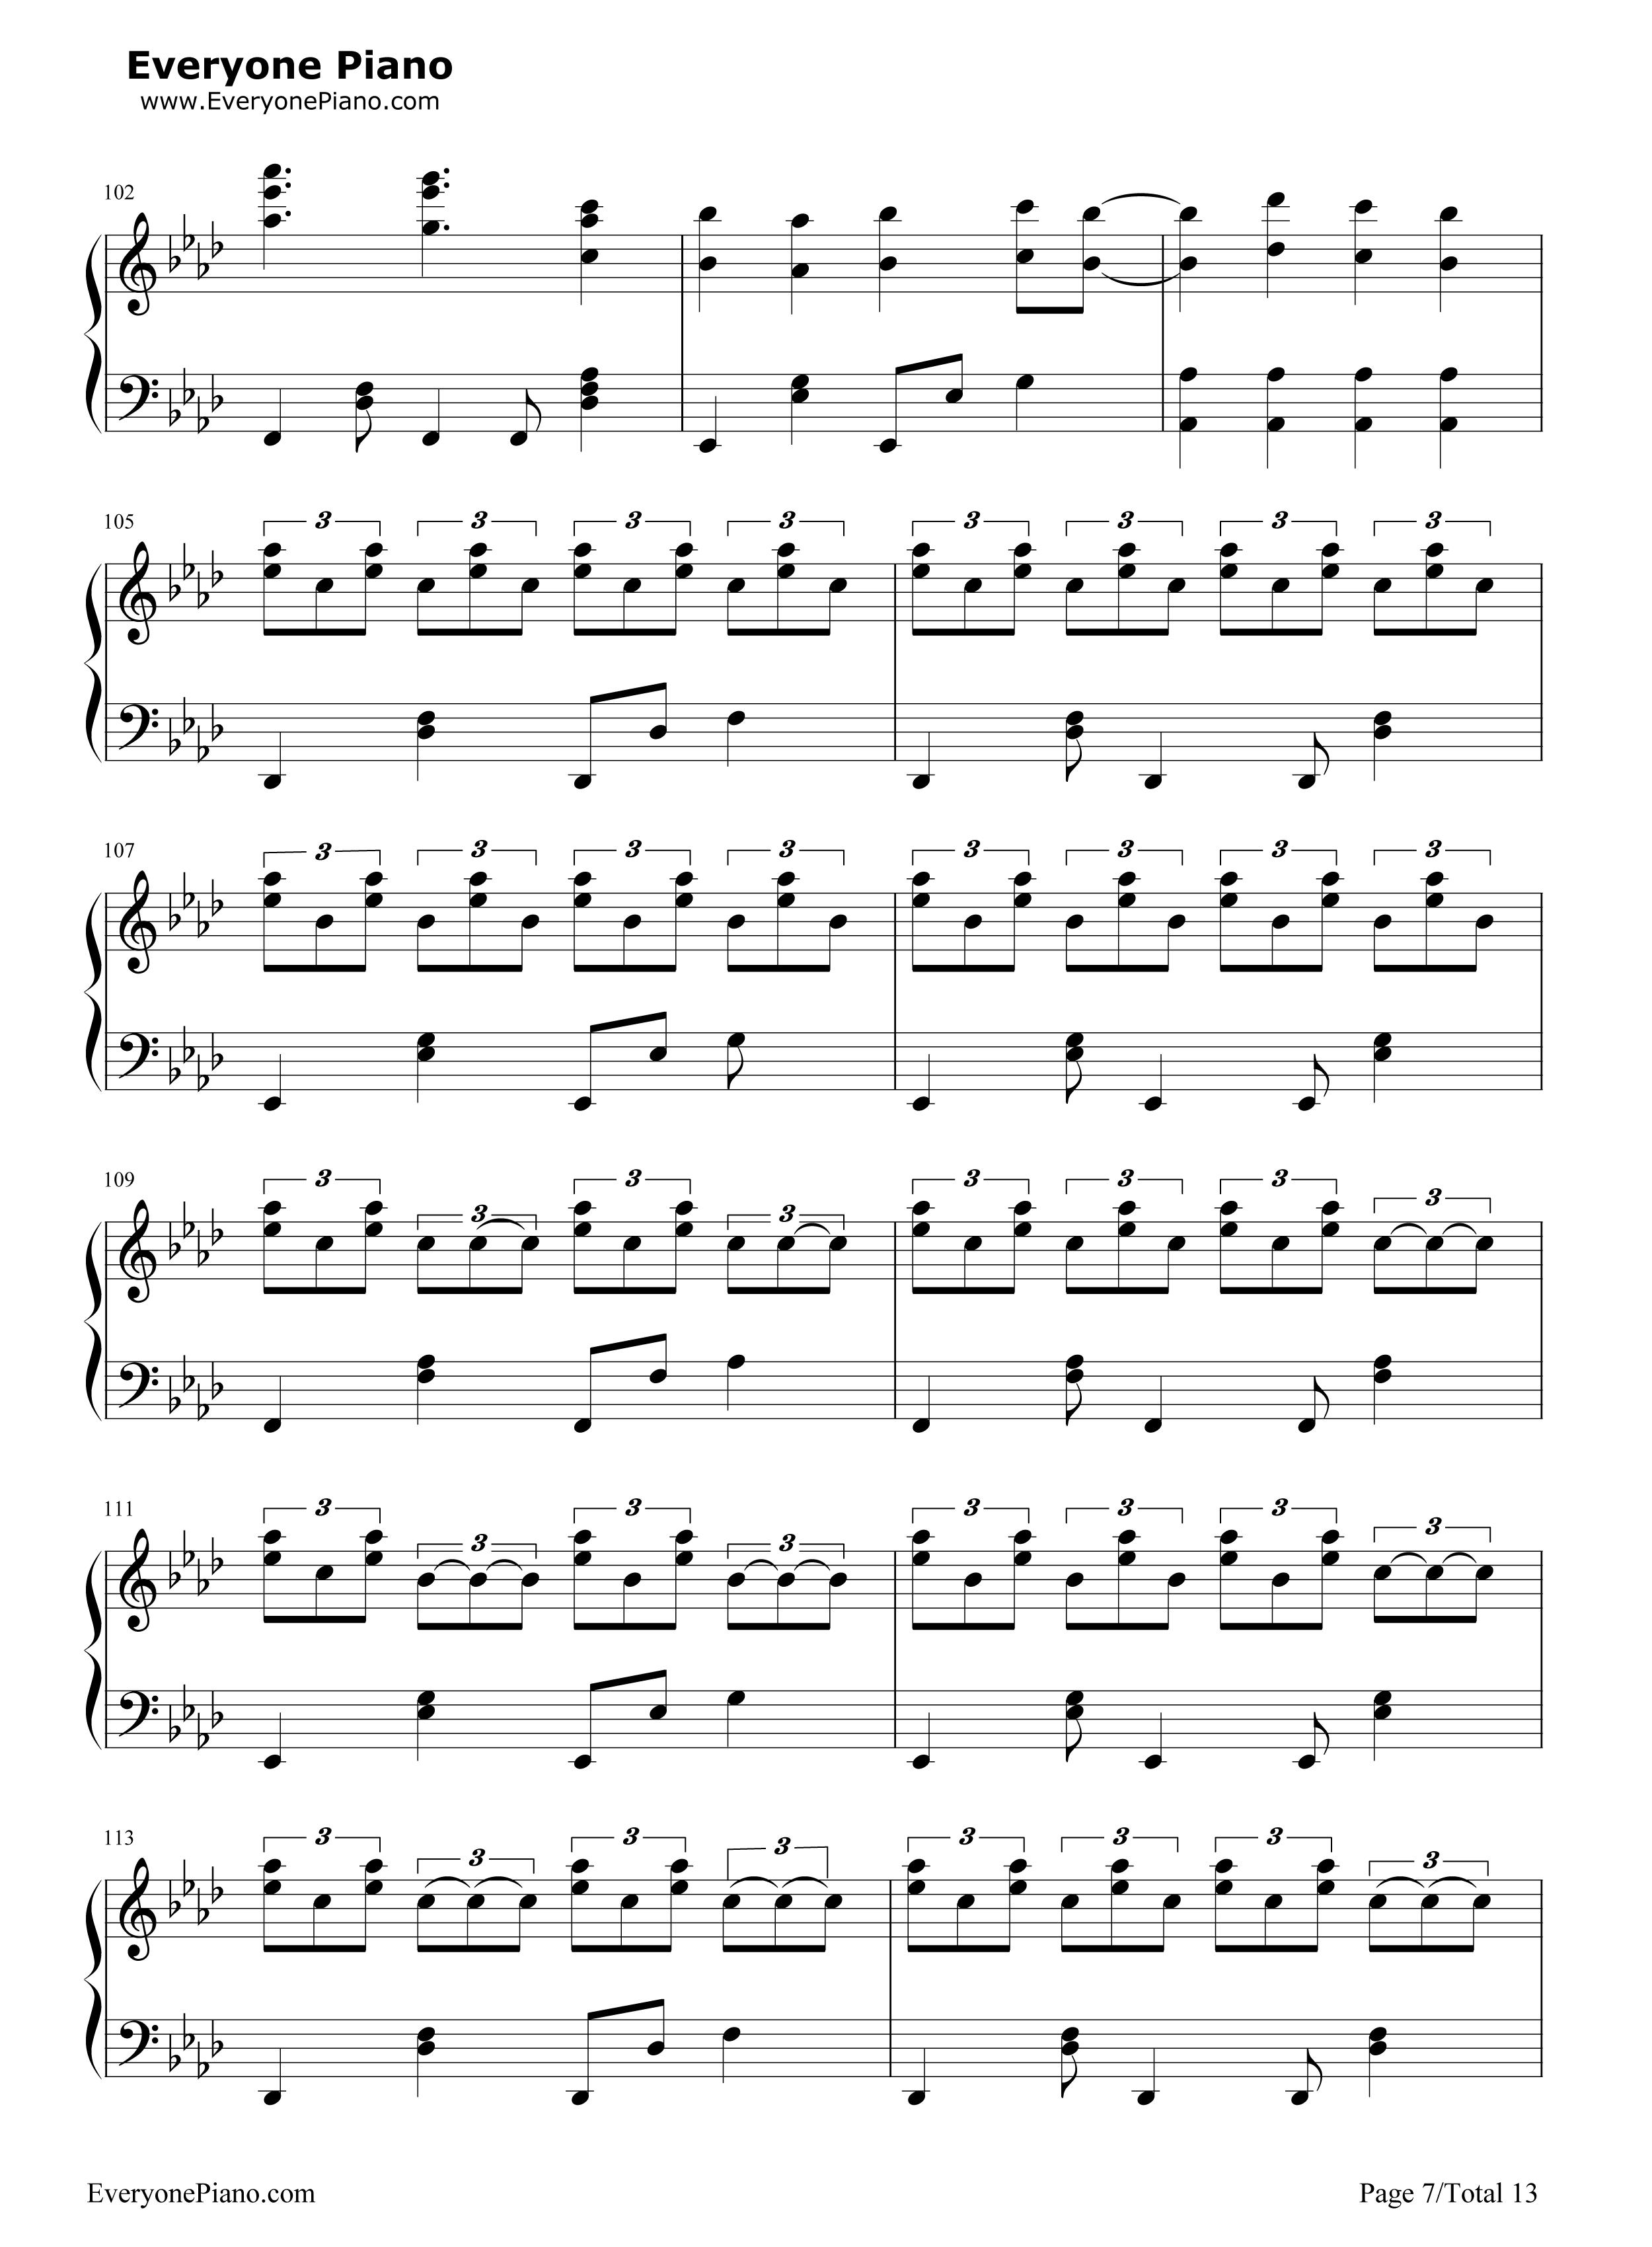 初音 ミク の 消失 楽譜